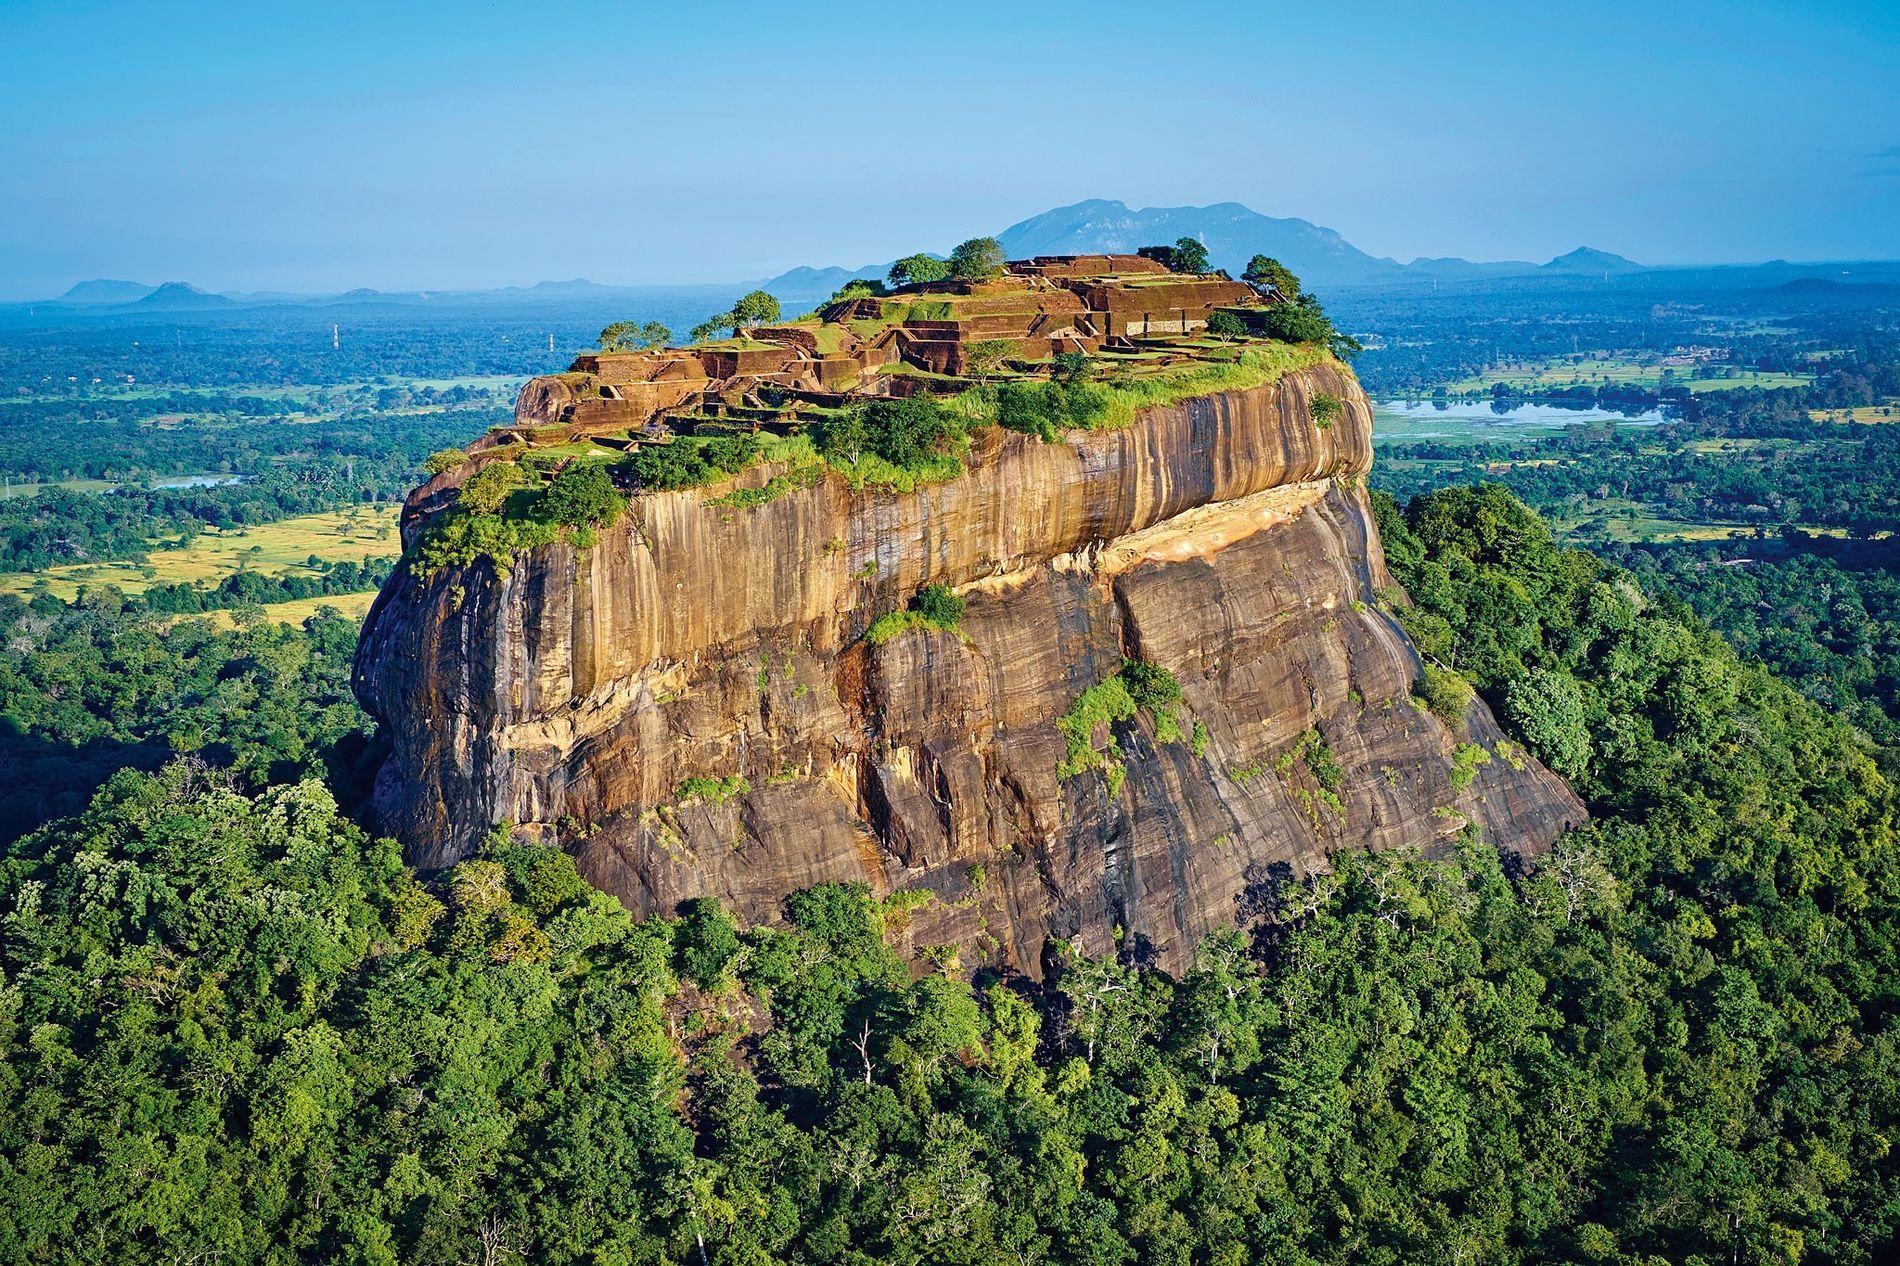 La jungle recouvre la face orientale du rocher Sigirîya, surmontée de la citadelle construite par le roi Kashyapa Ier à la fin du Ve siècle de notre ère, au centre du Sri Lanka.